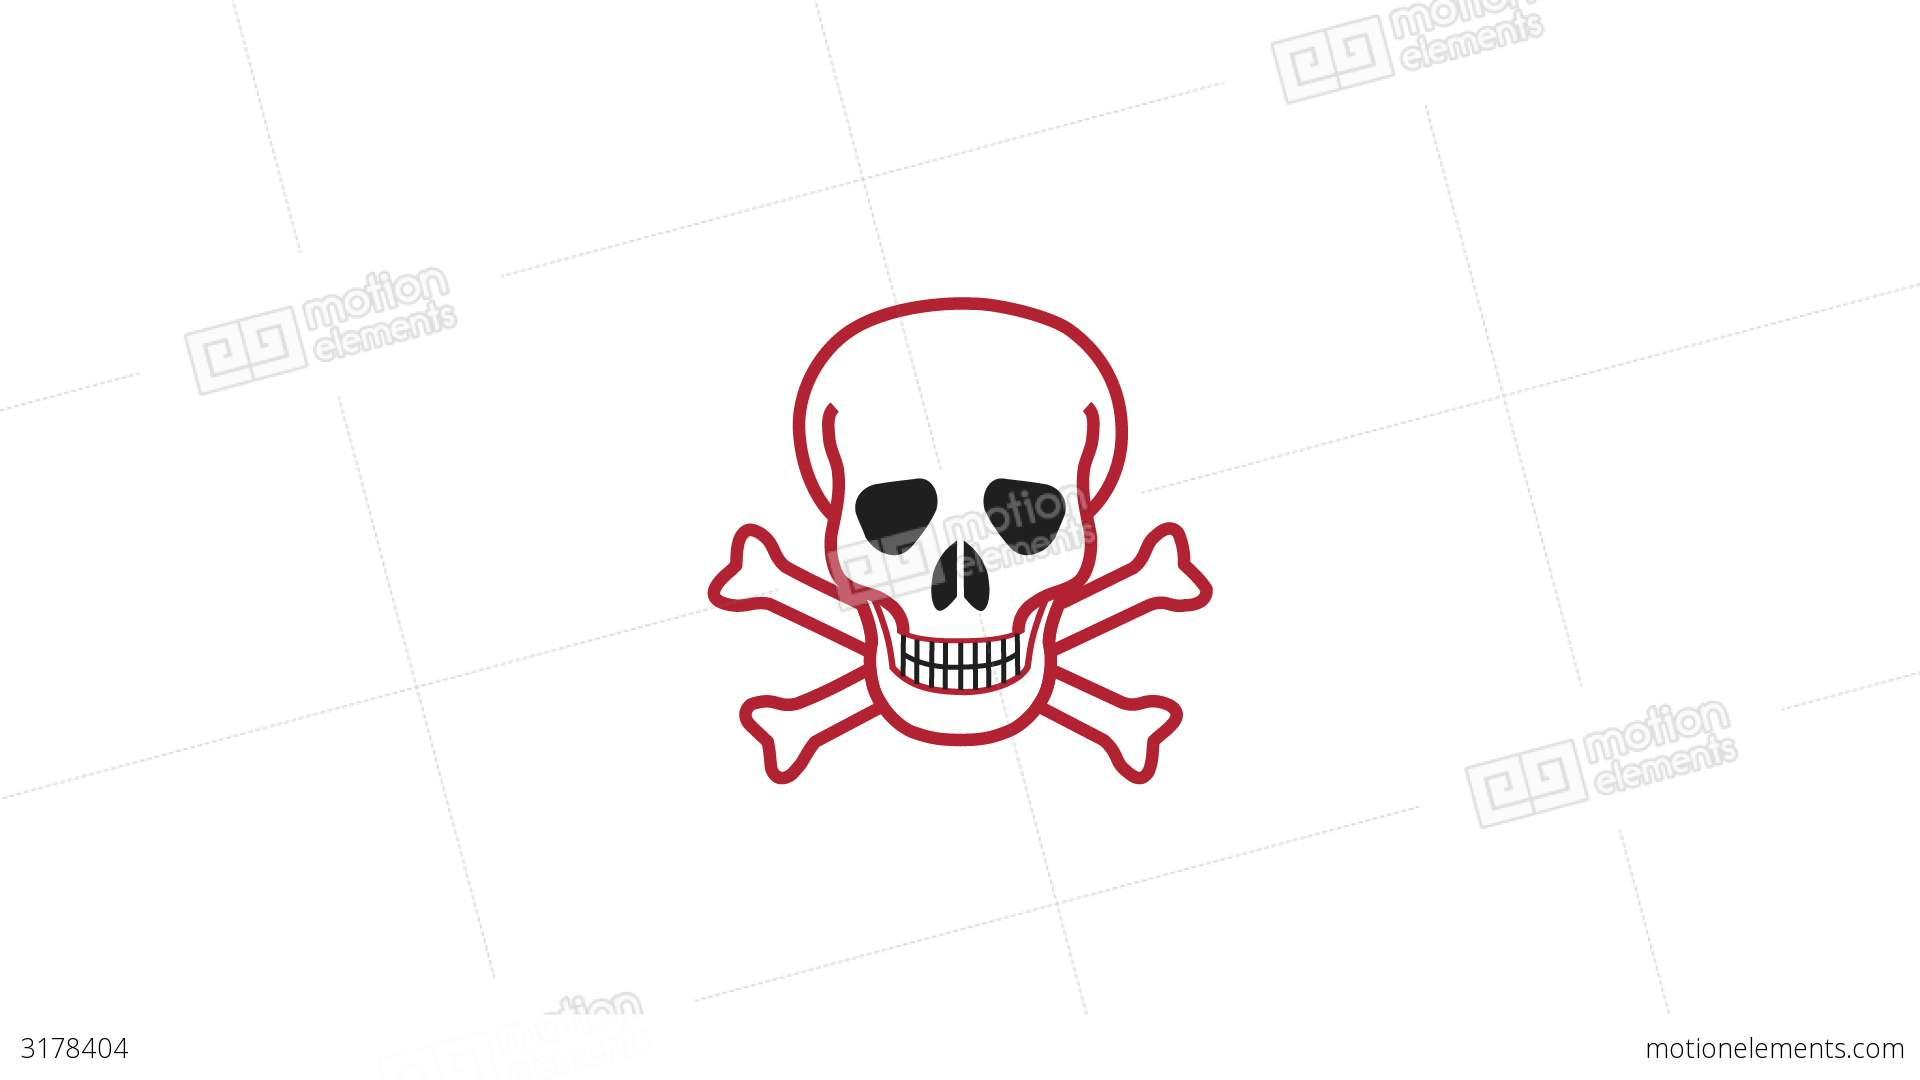 Pulsing Skull And Crossbones Symbol Stock Video Footage 3178404